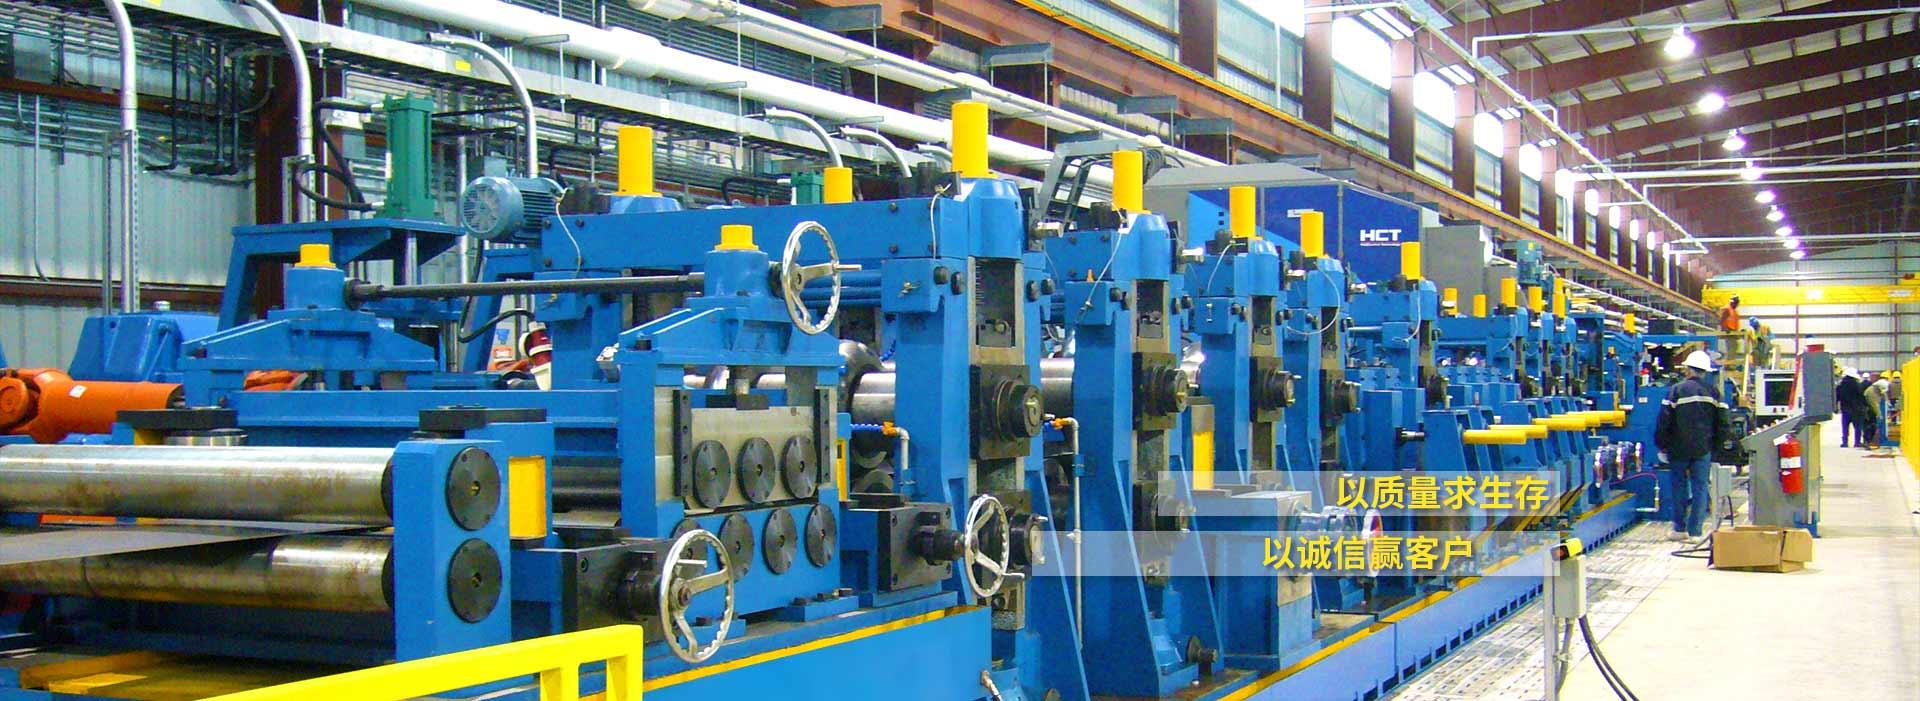 精密高频焊管生产线